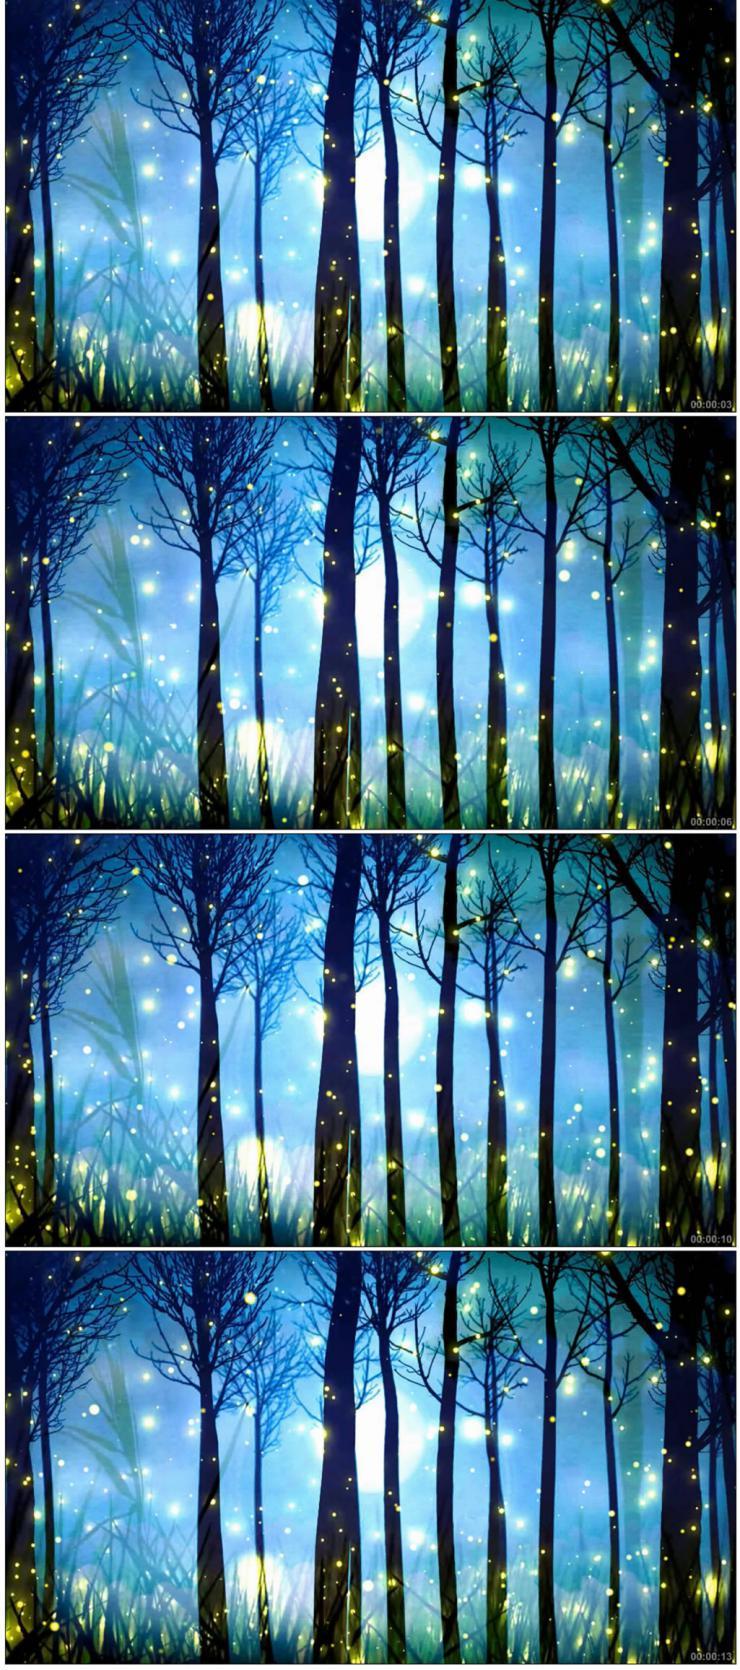 唯美梦幻森林粒子光效萤火虫舞台效果视频